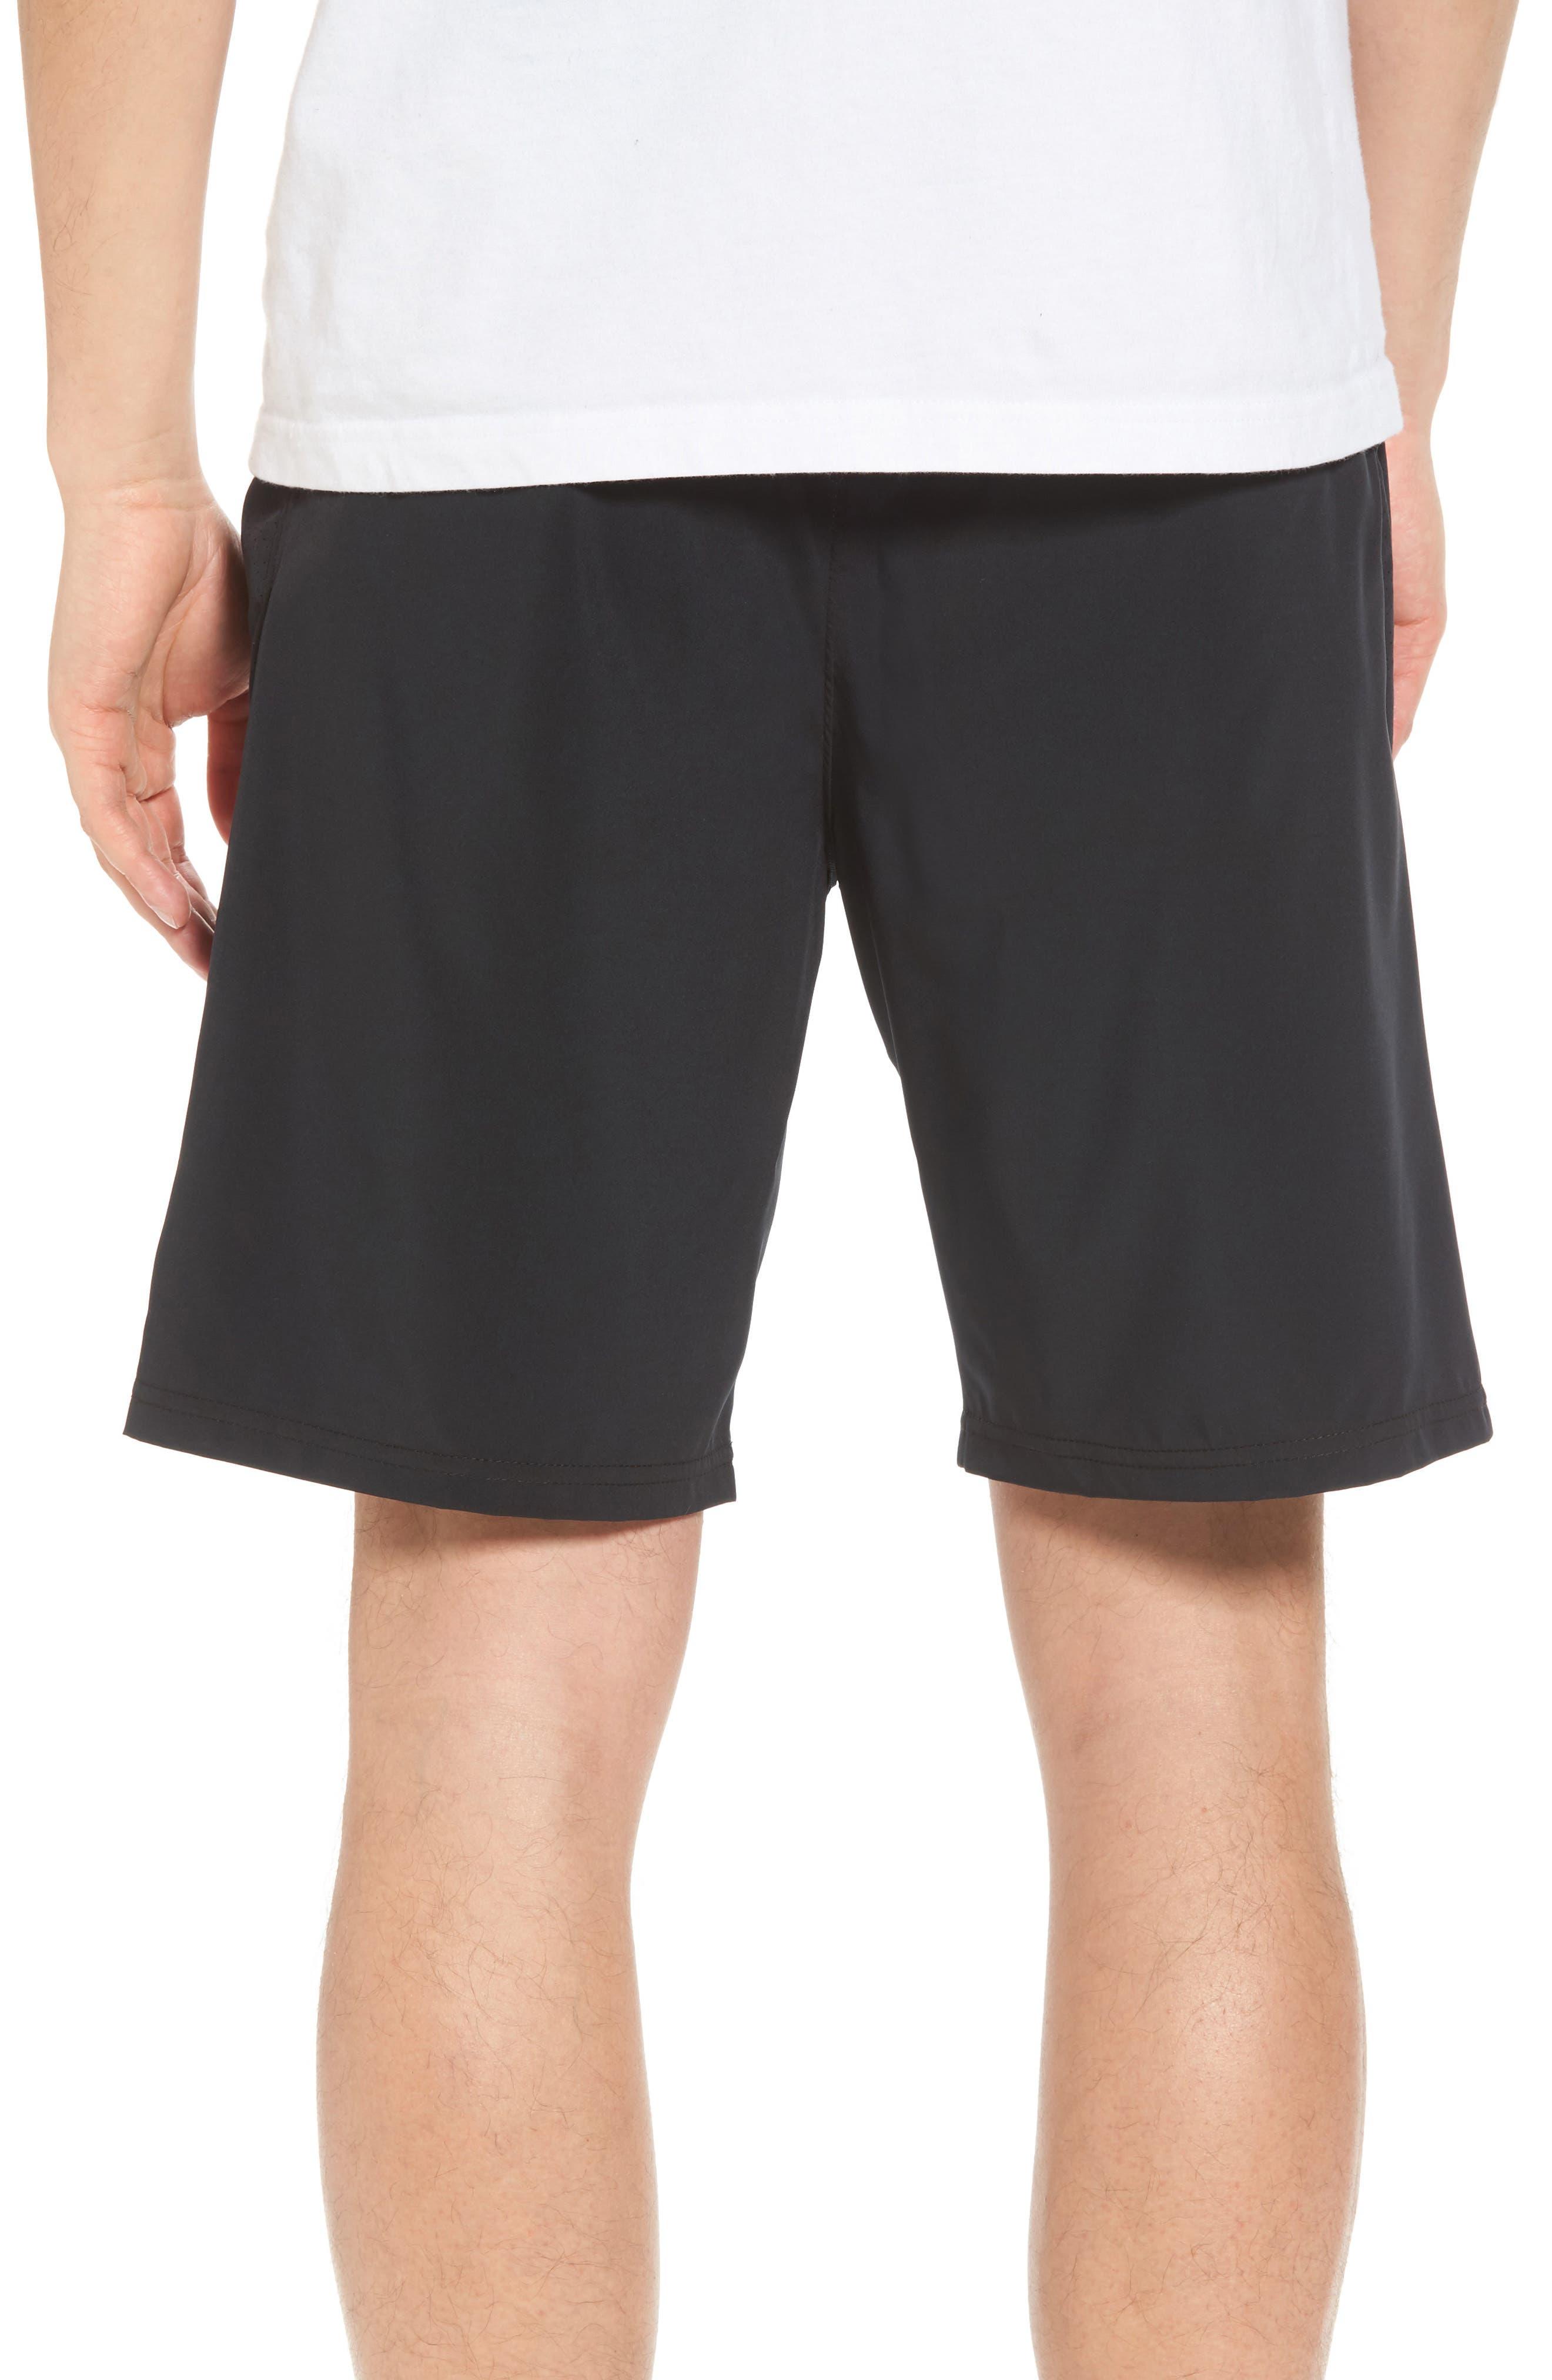 Ignite Shorts,                             Alternate thumbnail 2, color,                             001